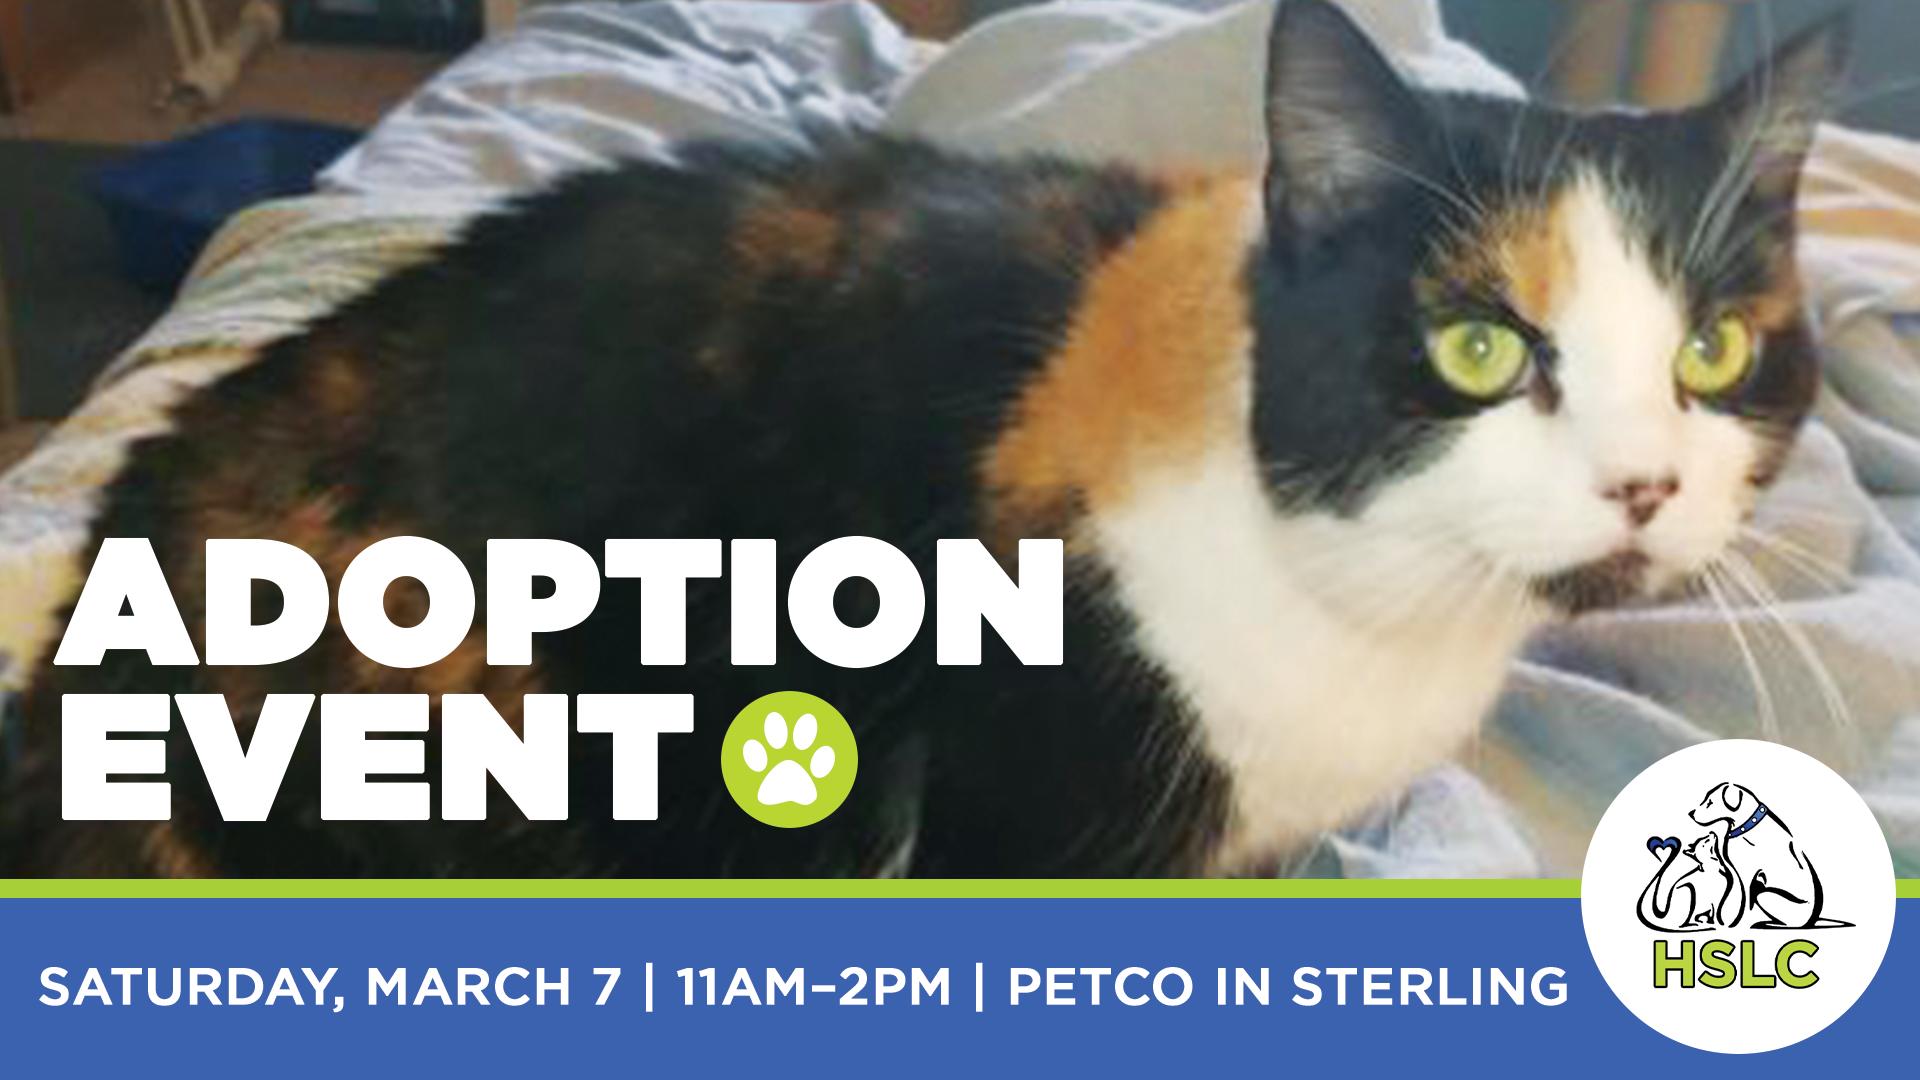 Humane Society Of Loudoun County Adoption Event At Petco In Sterling Humane Society Of Loudoun County